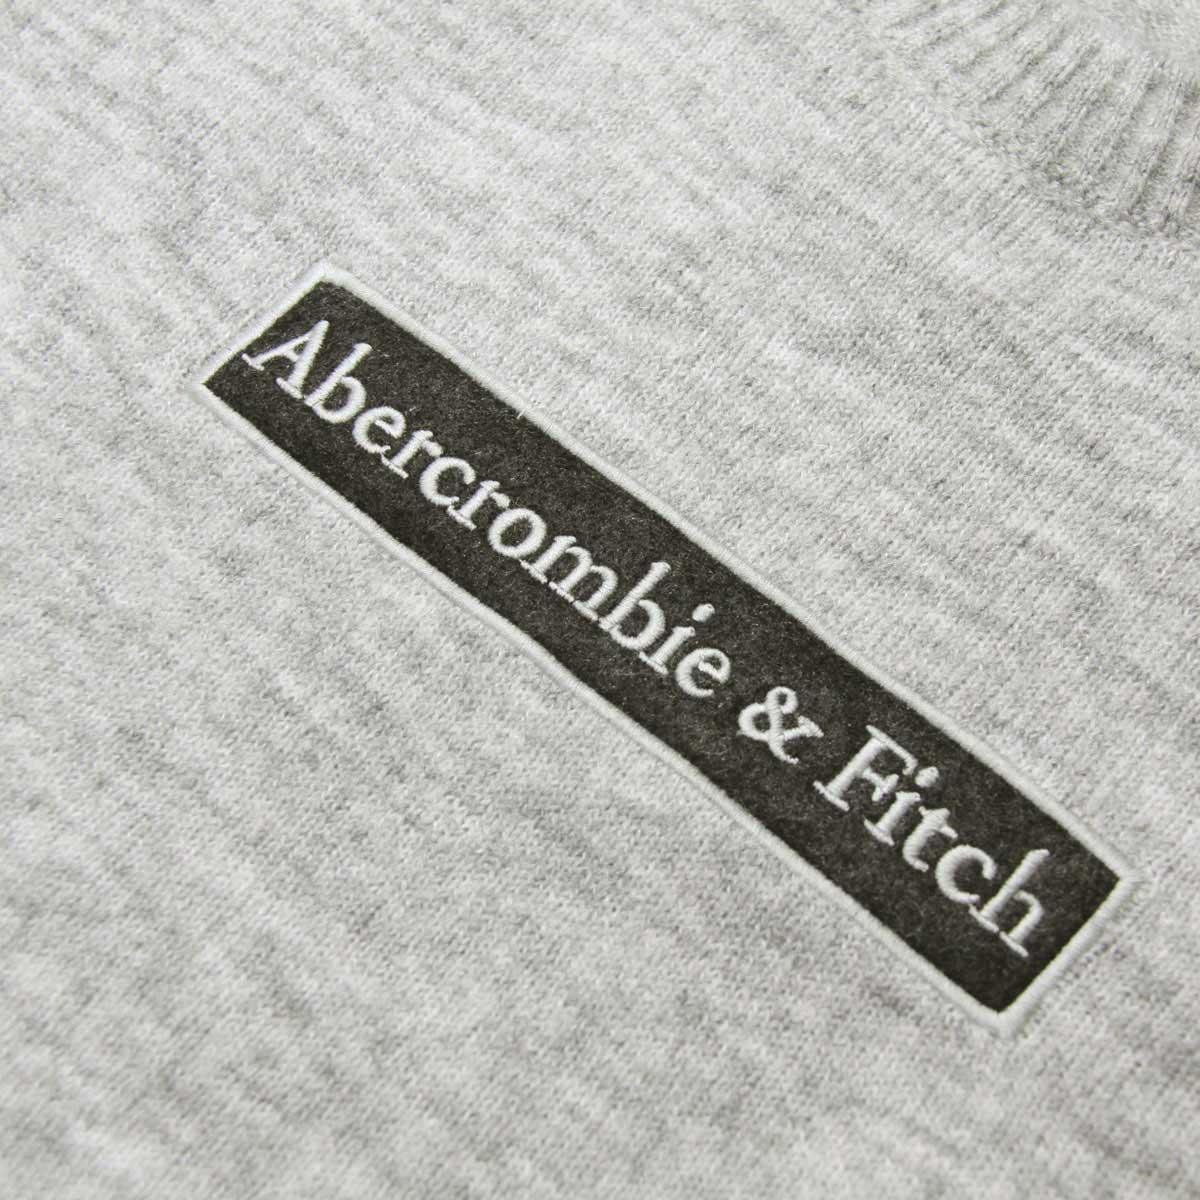 アバクロ セーター メンズ 正規品 Abercrombie&Fitch クルーネックセーター ロゴ LOGO SWEATER 120-201-1662-120 A02B B1C C1D D7E E02F